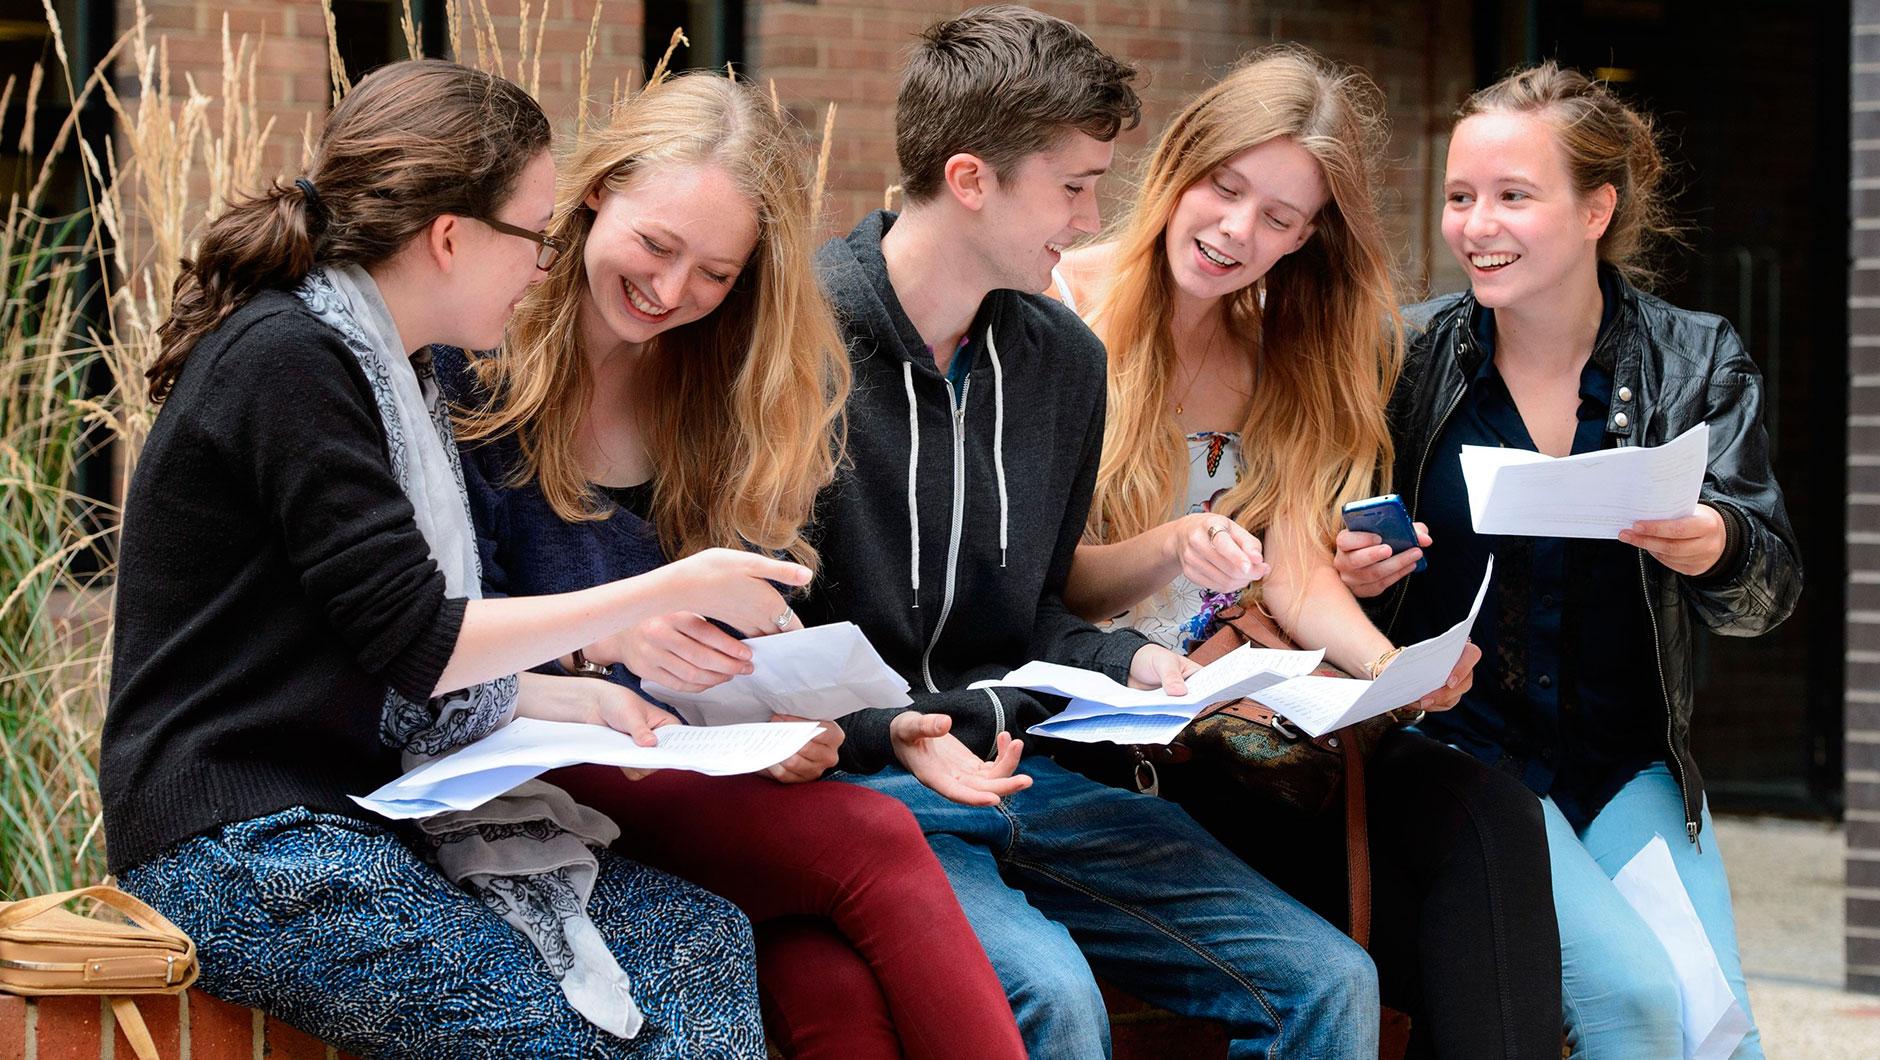 Учебный год состоит из 3 триместров, в конце которых оценивается успеваемость студентов. Для этого студенты пишут промежуточные работы (эссе, курсовые, проекты) или сдают экзамены. Система подсчёта среднего балла зависит от вуза и может быть либо выражена в баллах либо процентах